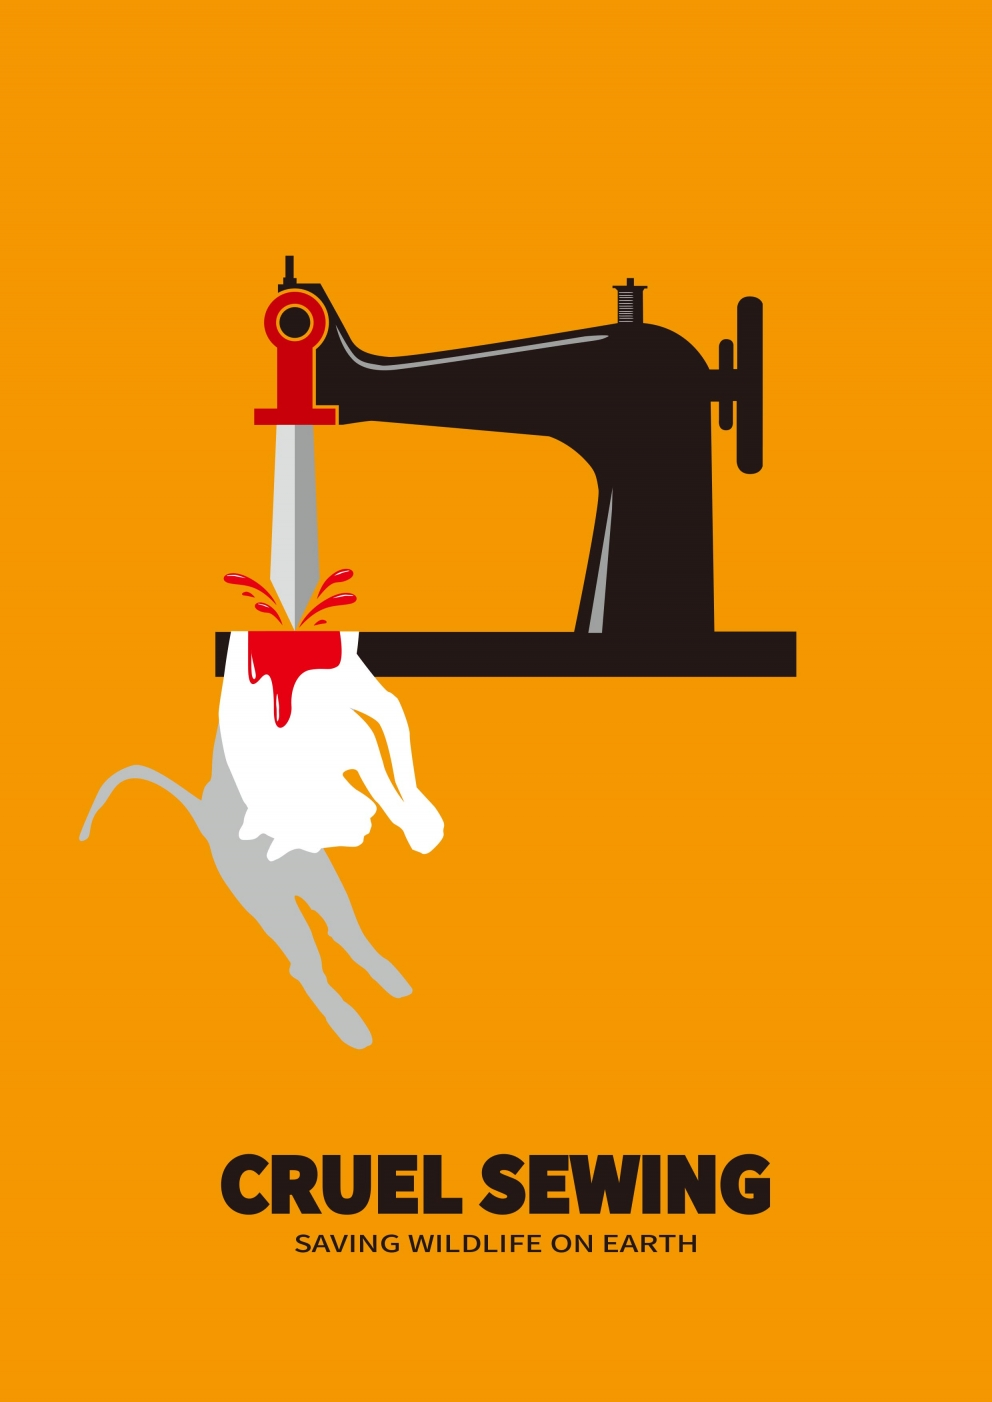 CRUEL SEWING